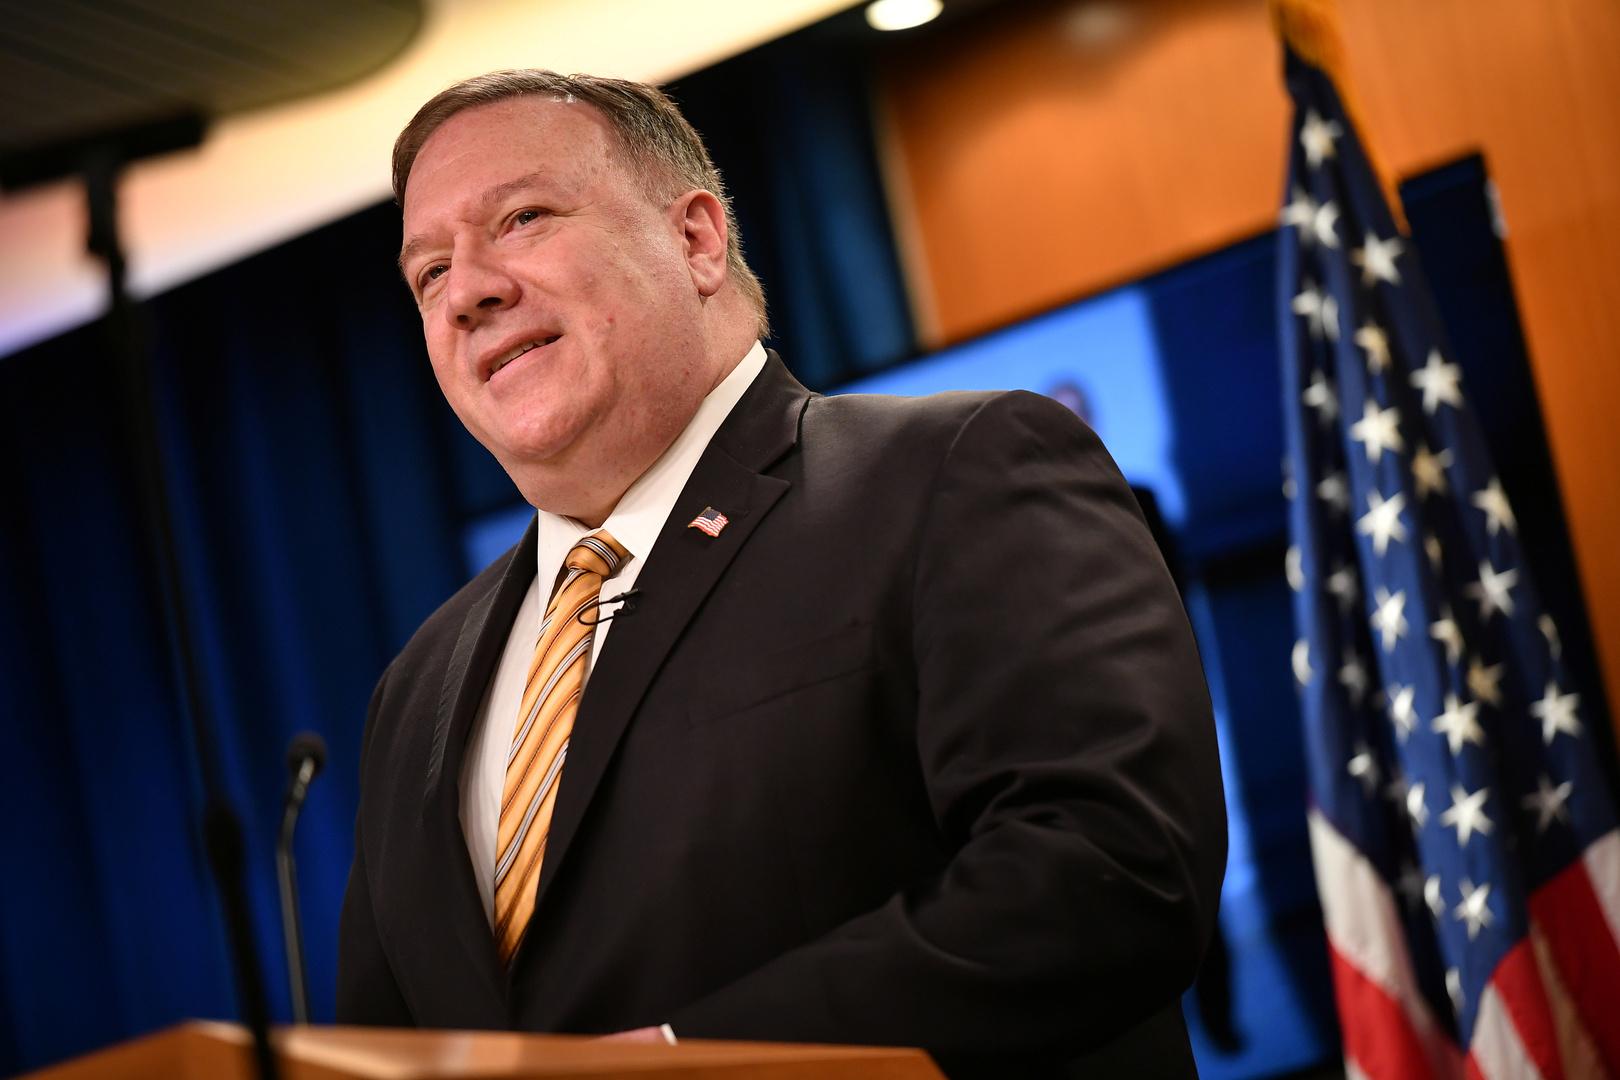 بومبيو يوجه كلمة إلى مجلس الأمن الدولي بشأن حظر الأسلحة على إيران